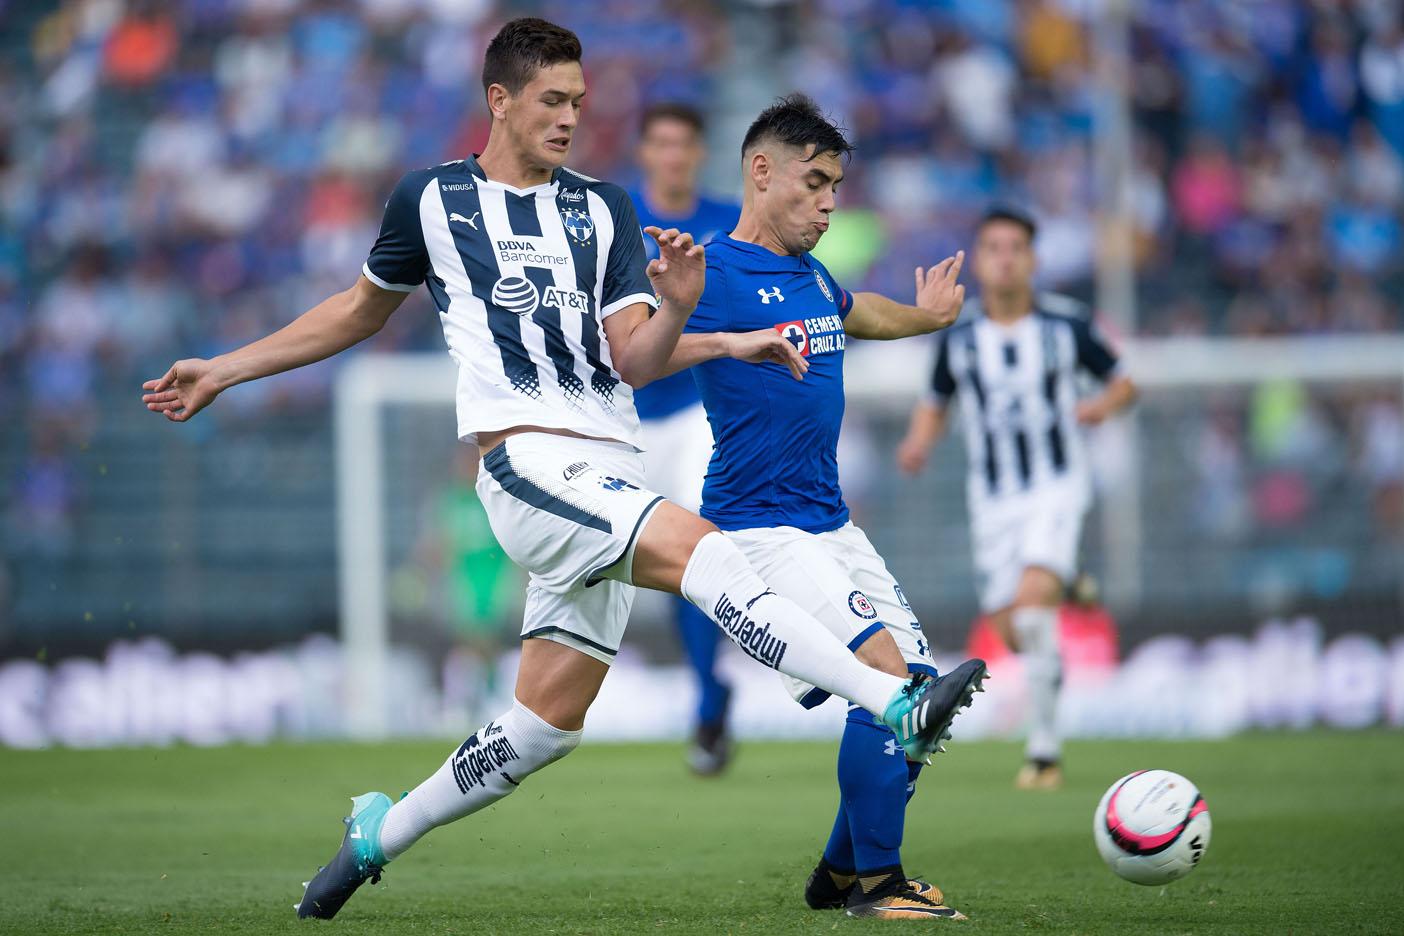 El Monterrey de Mohamed continúa invicto